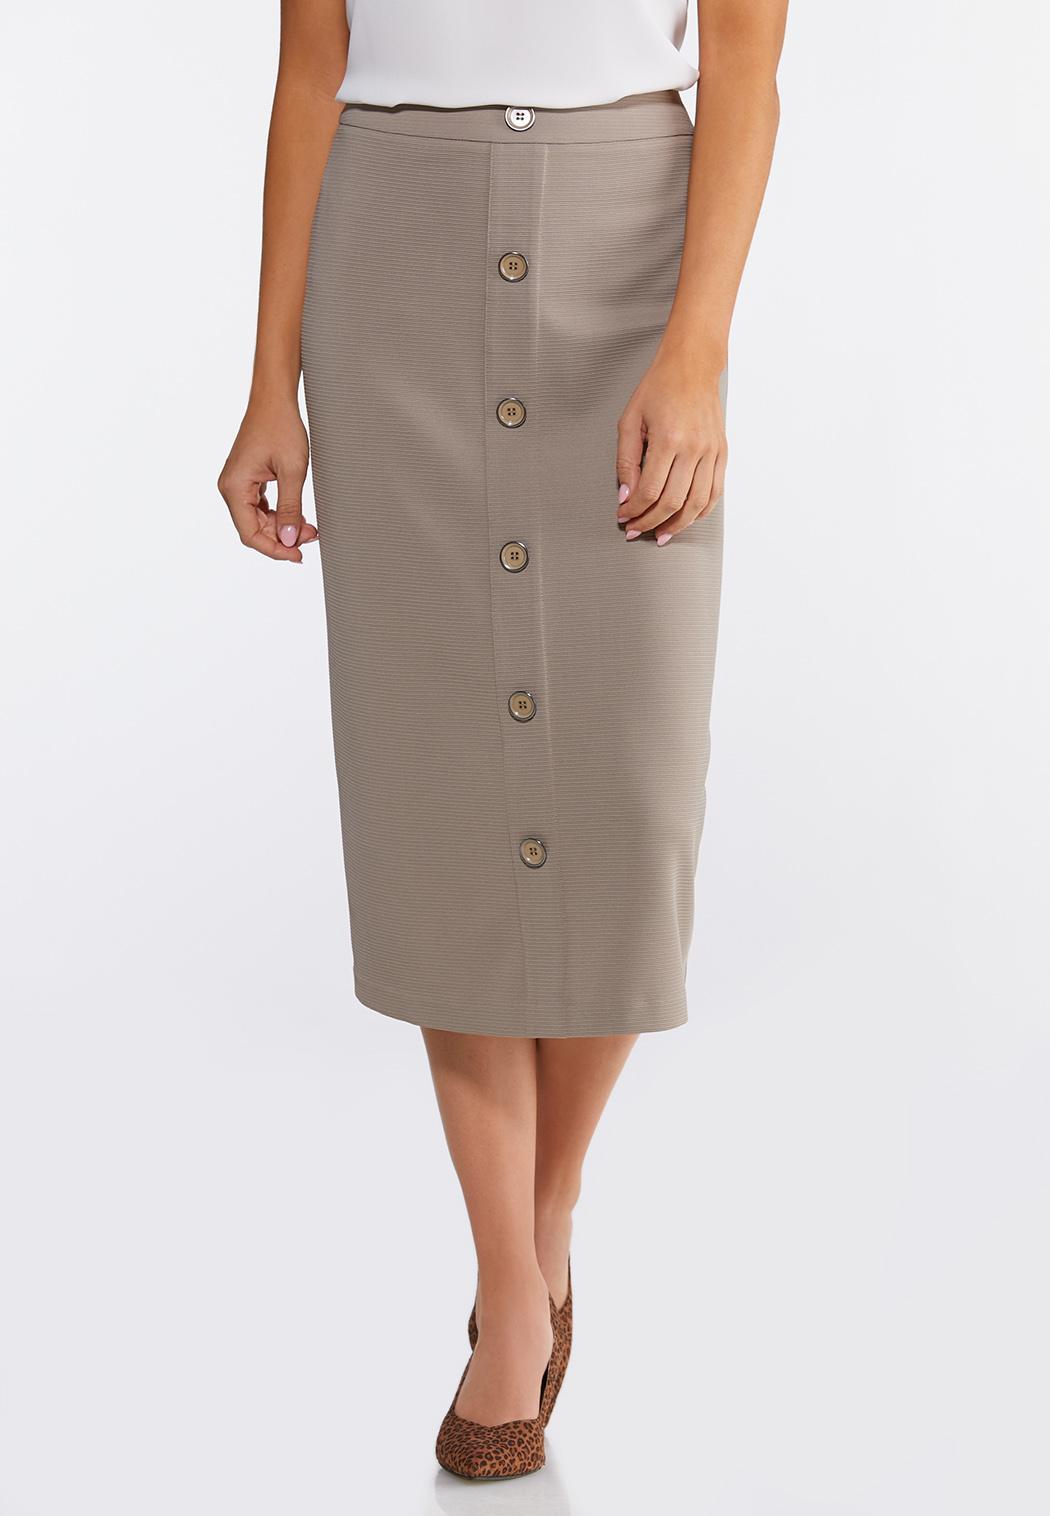 Plus Size Button Down Pencil Skirt